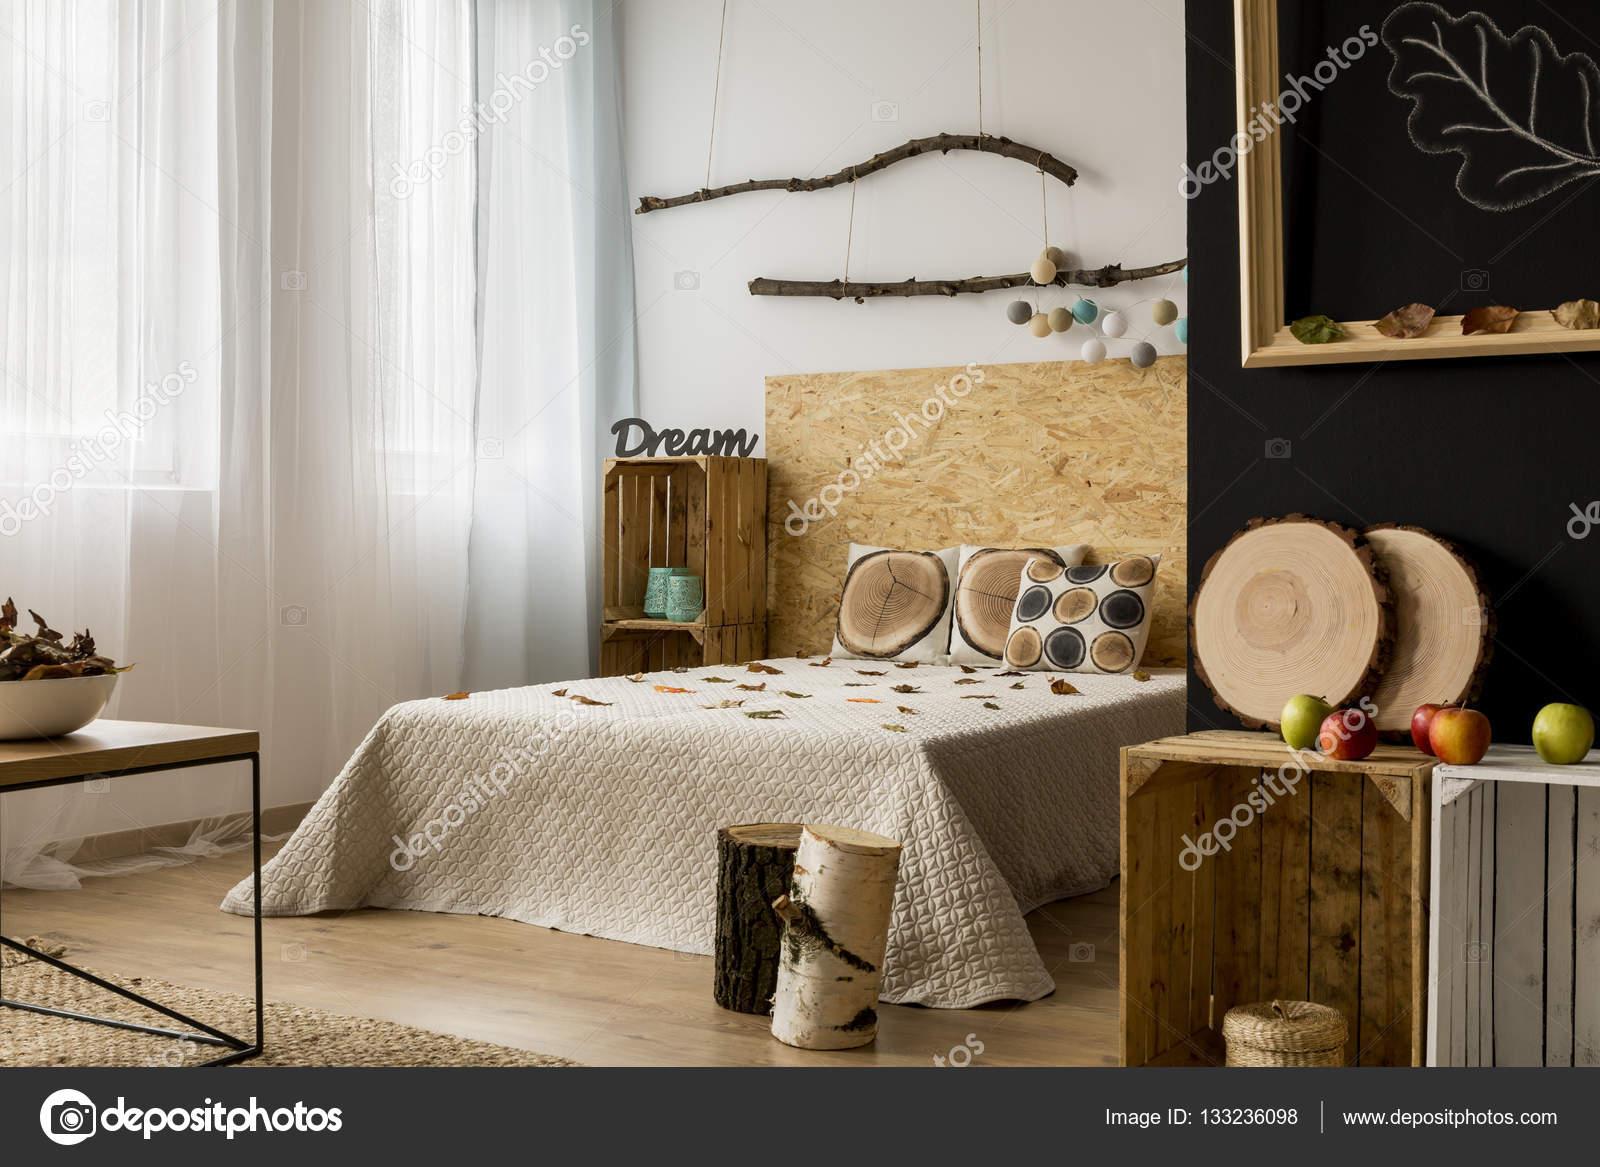 Camera da letto con accessori in legno — Foto Stock ...